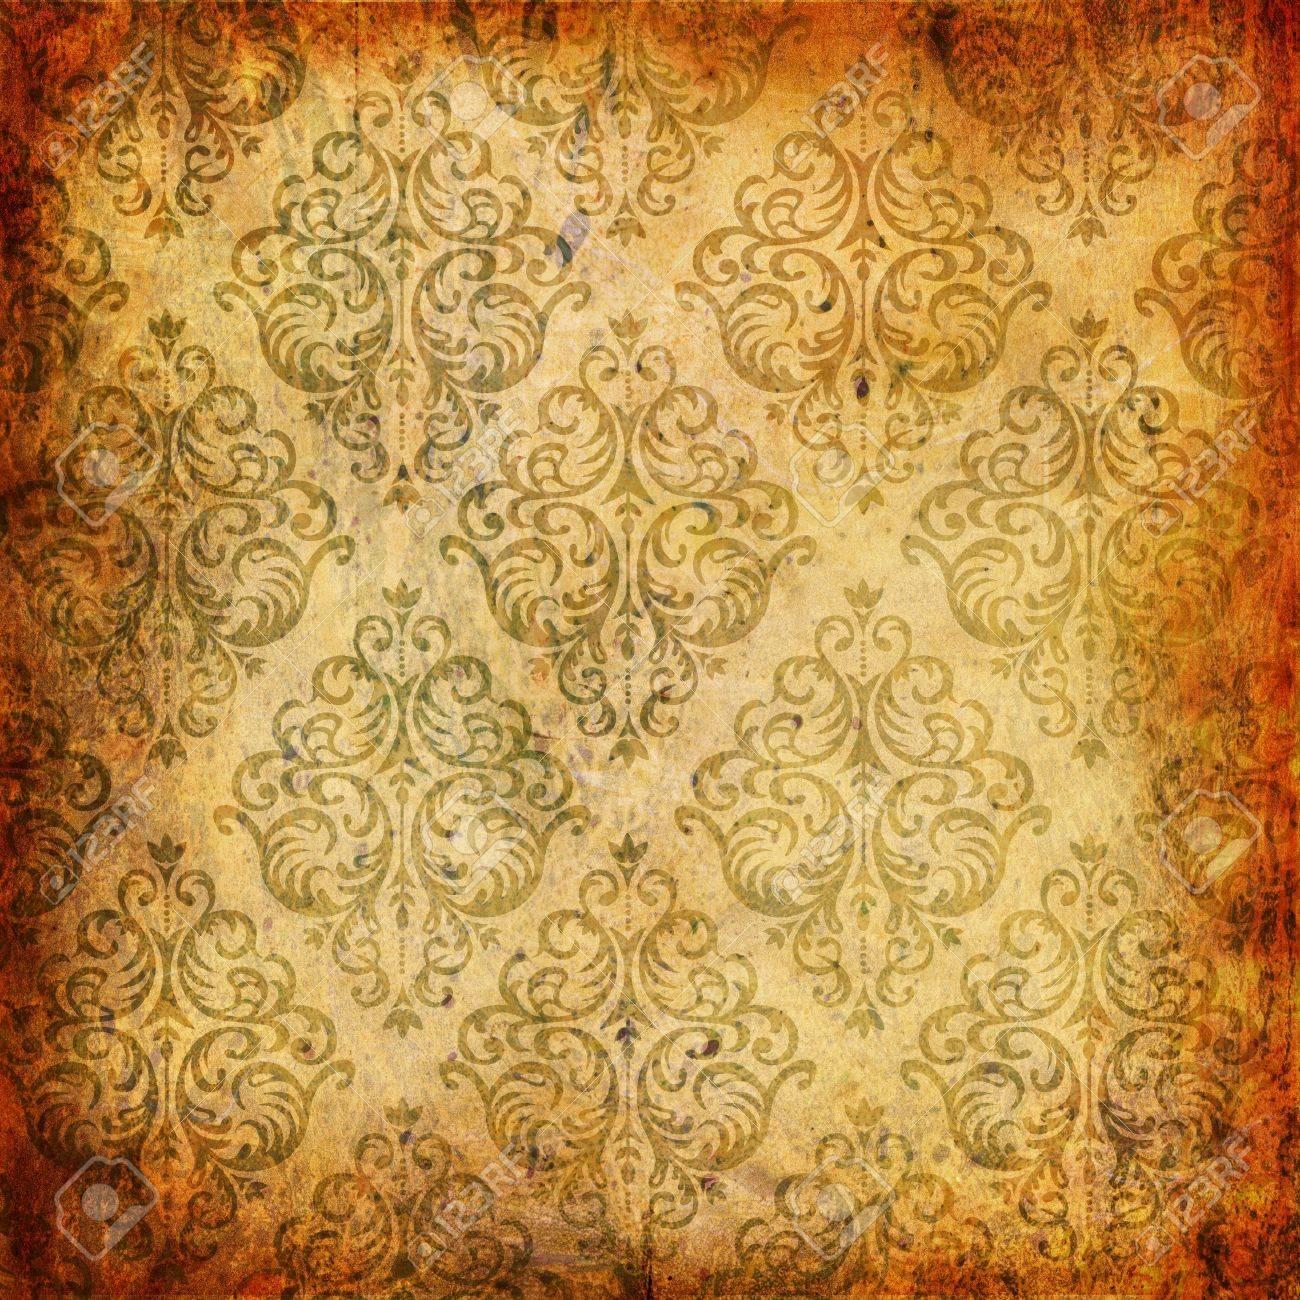 Vintage wallpaper - 14835563